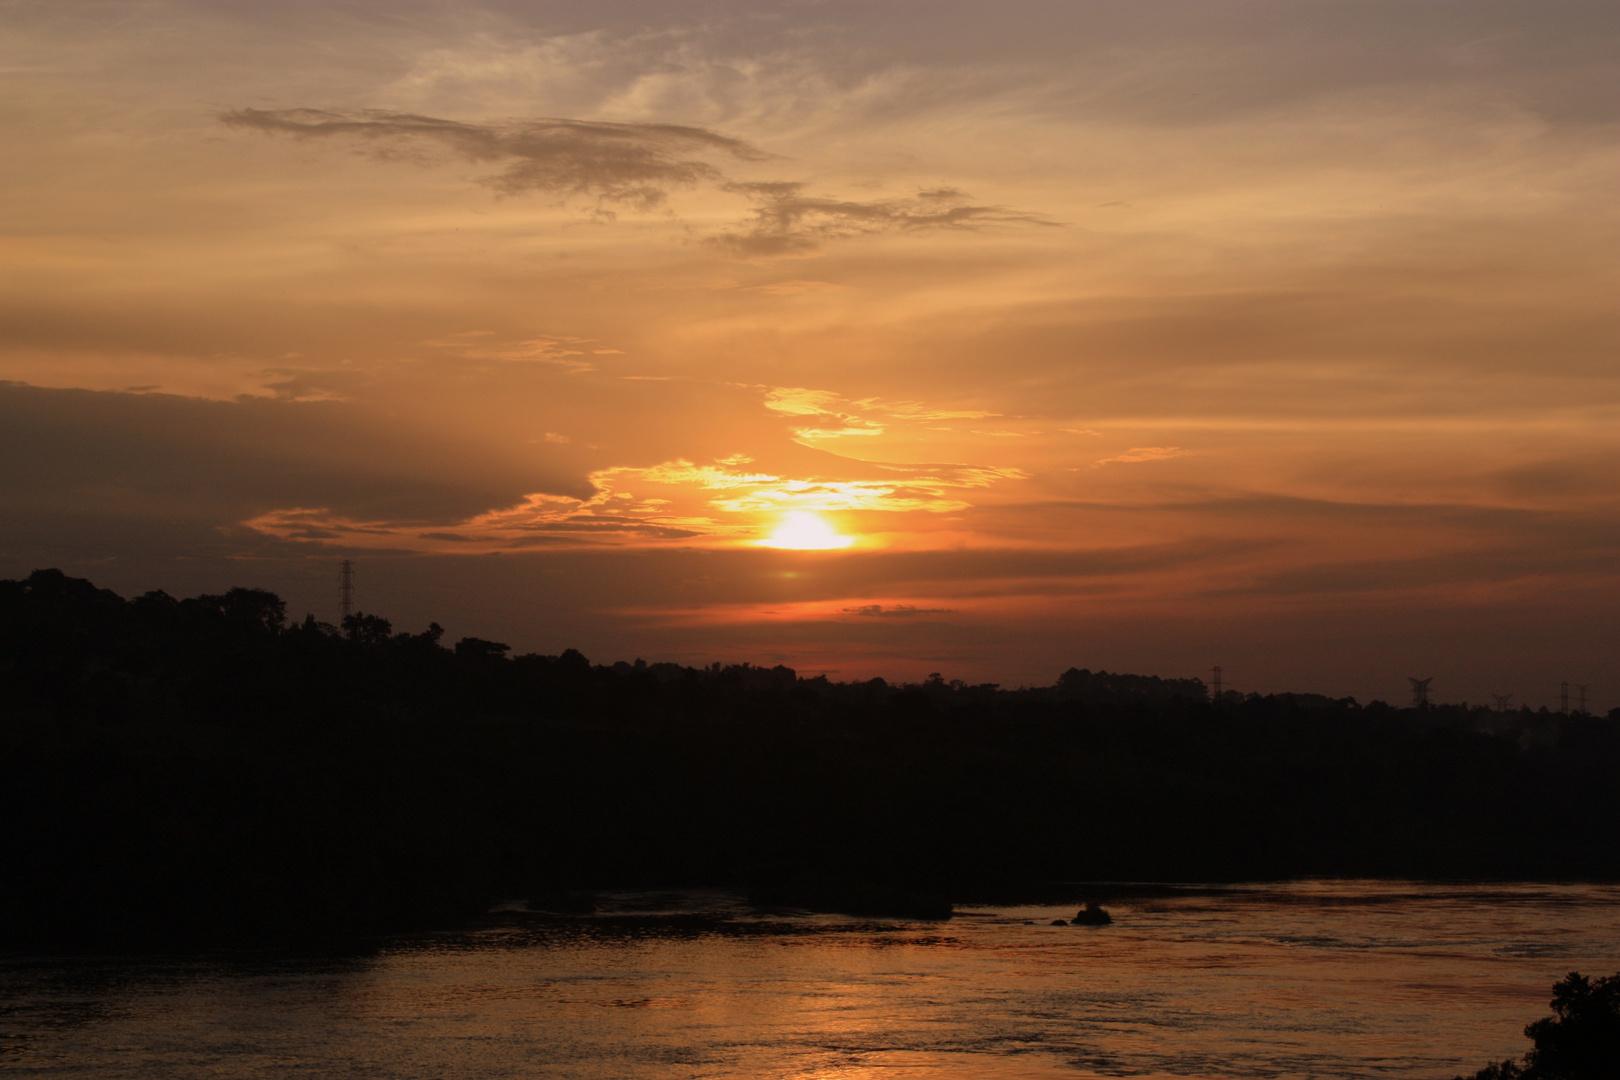 Atarcecer sobre el Nilo en Jinja